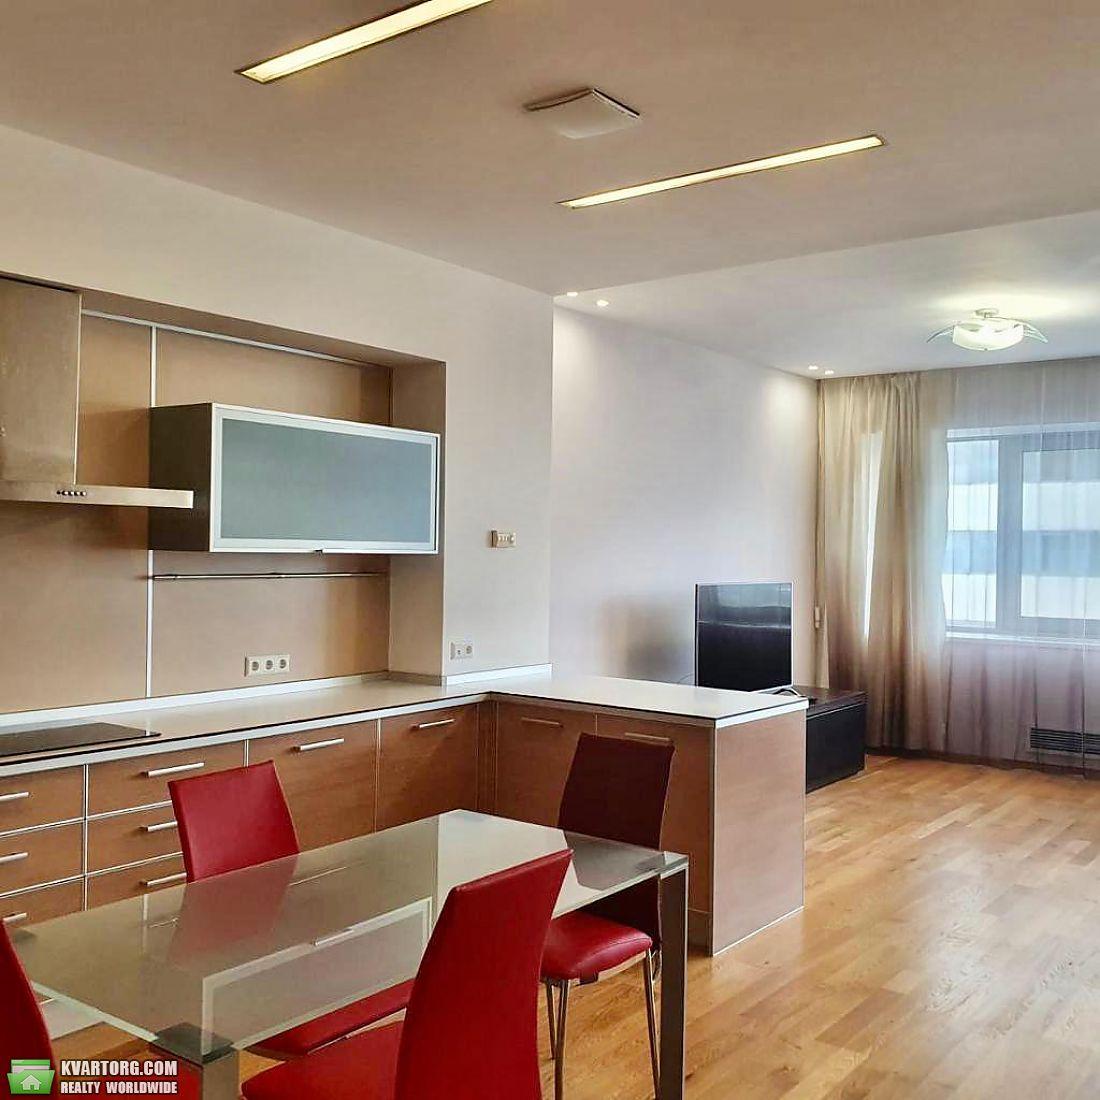 продам 4-комнатную квартиру Днепропетровск, ул.Дзержинского 35 - Фото 1